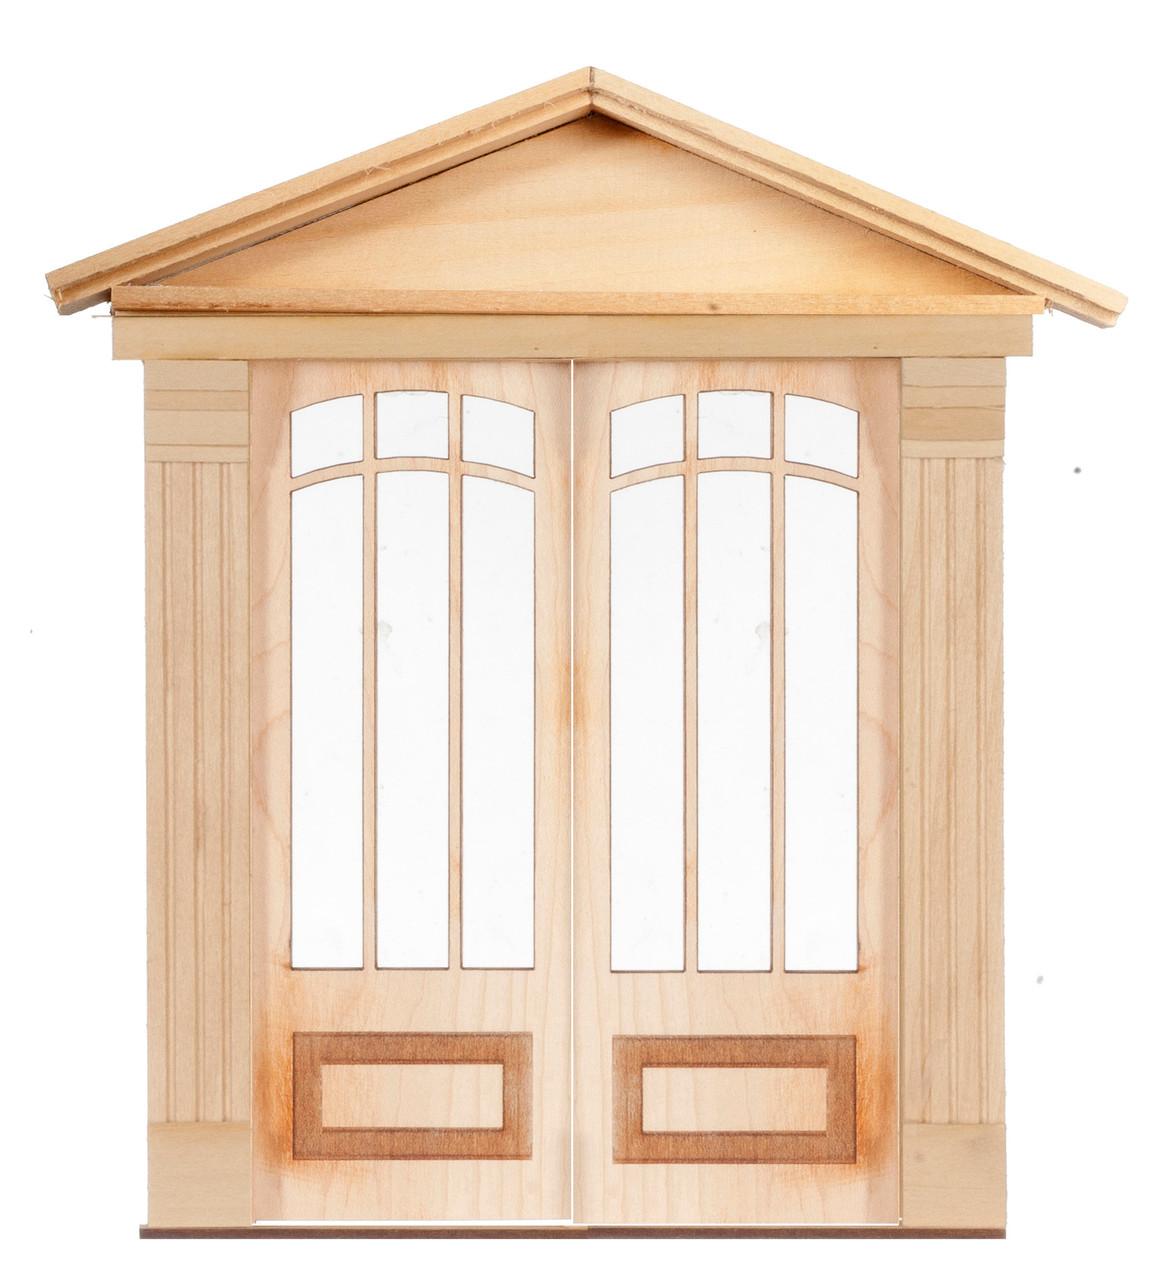 Dollhouse City - Dollhouse Miniatures 6 Light - 1 Raised Double Door